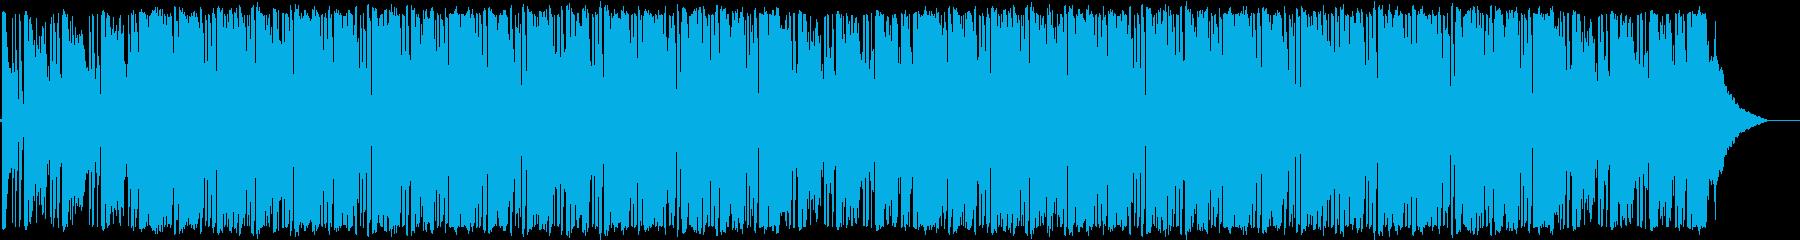 ソウルフルな演奏のジャズピアノトリオの再生済みの波形